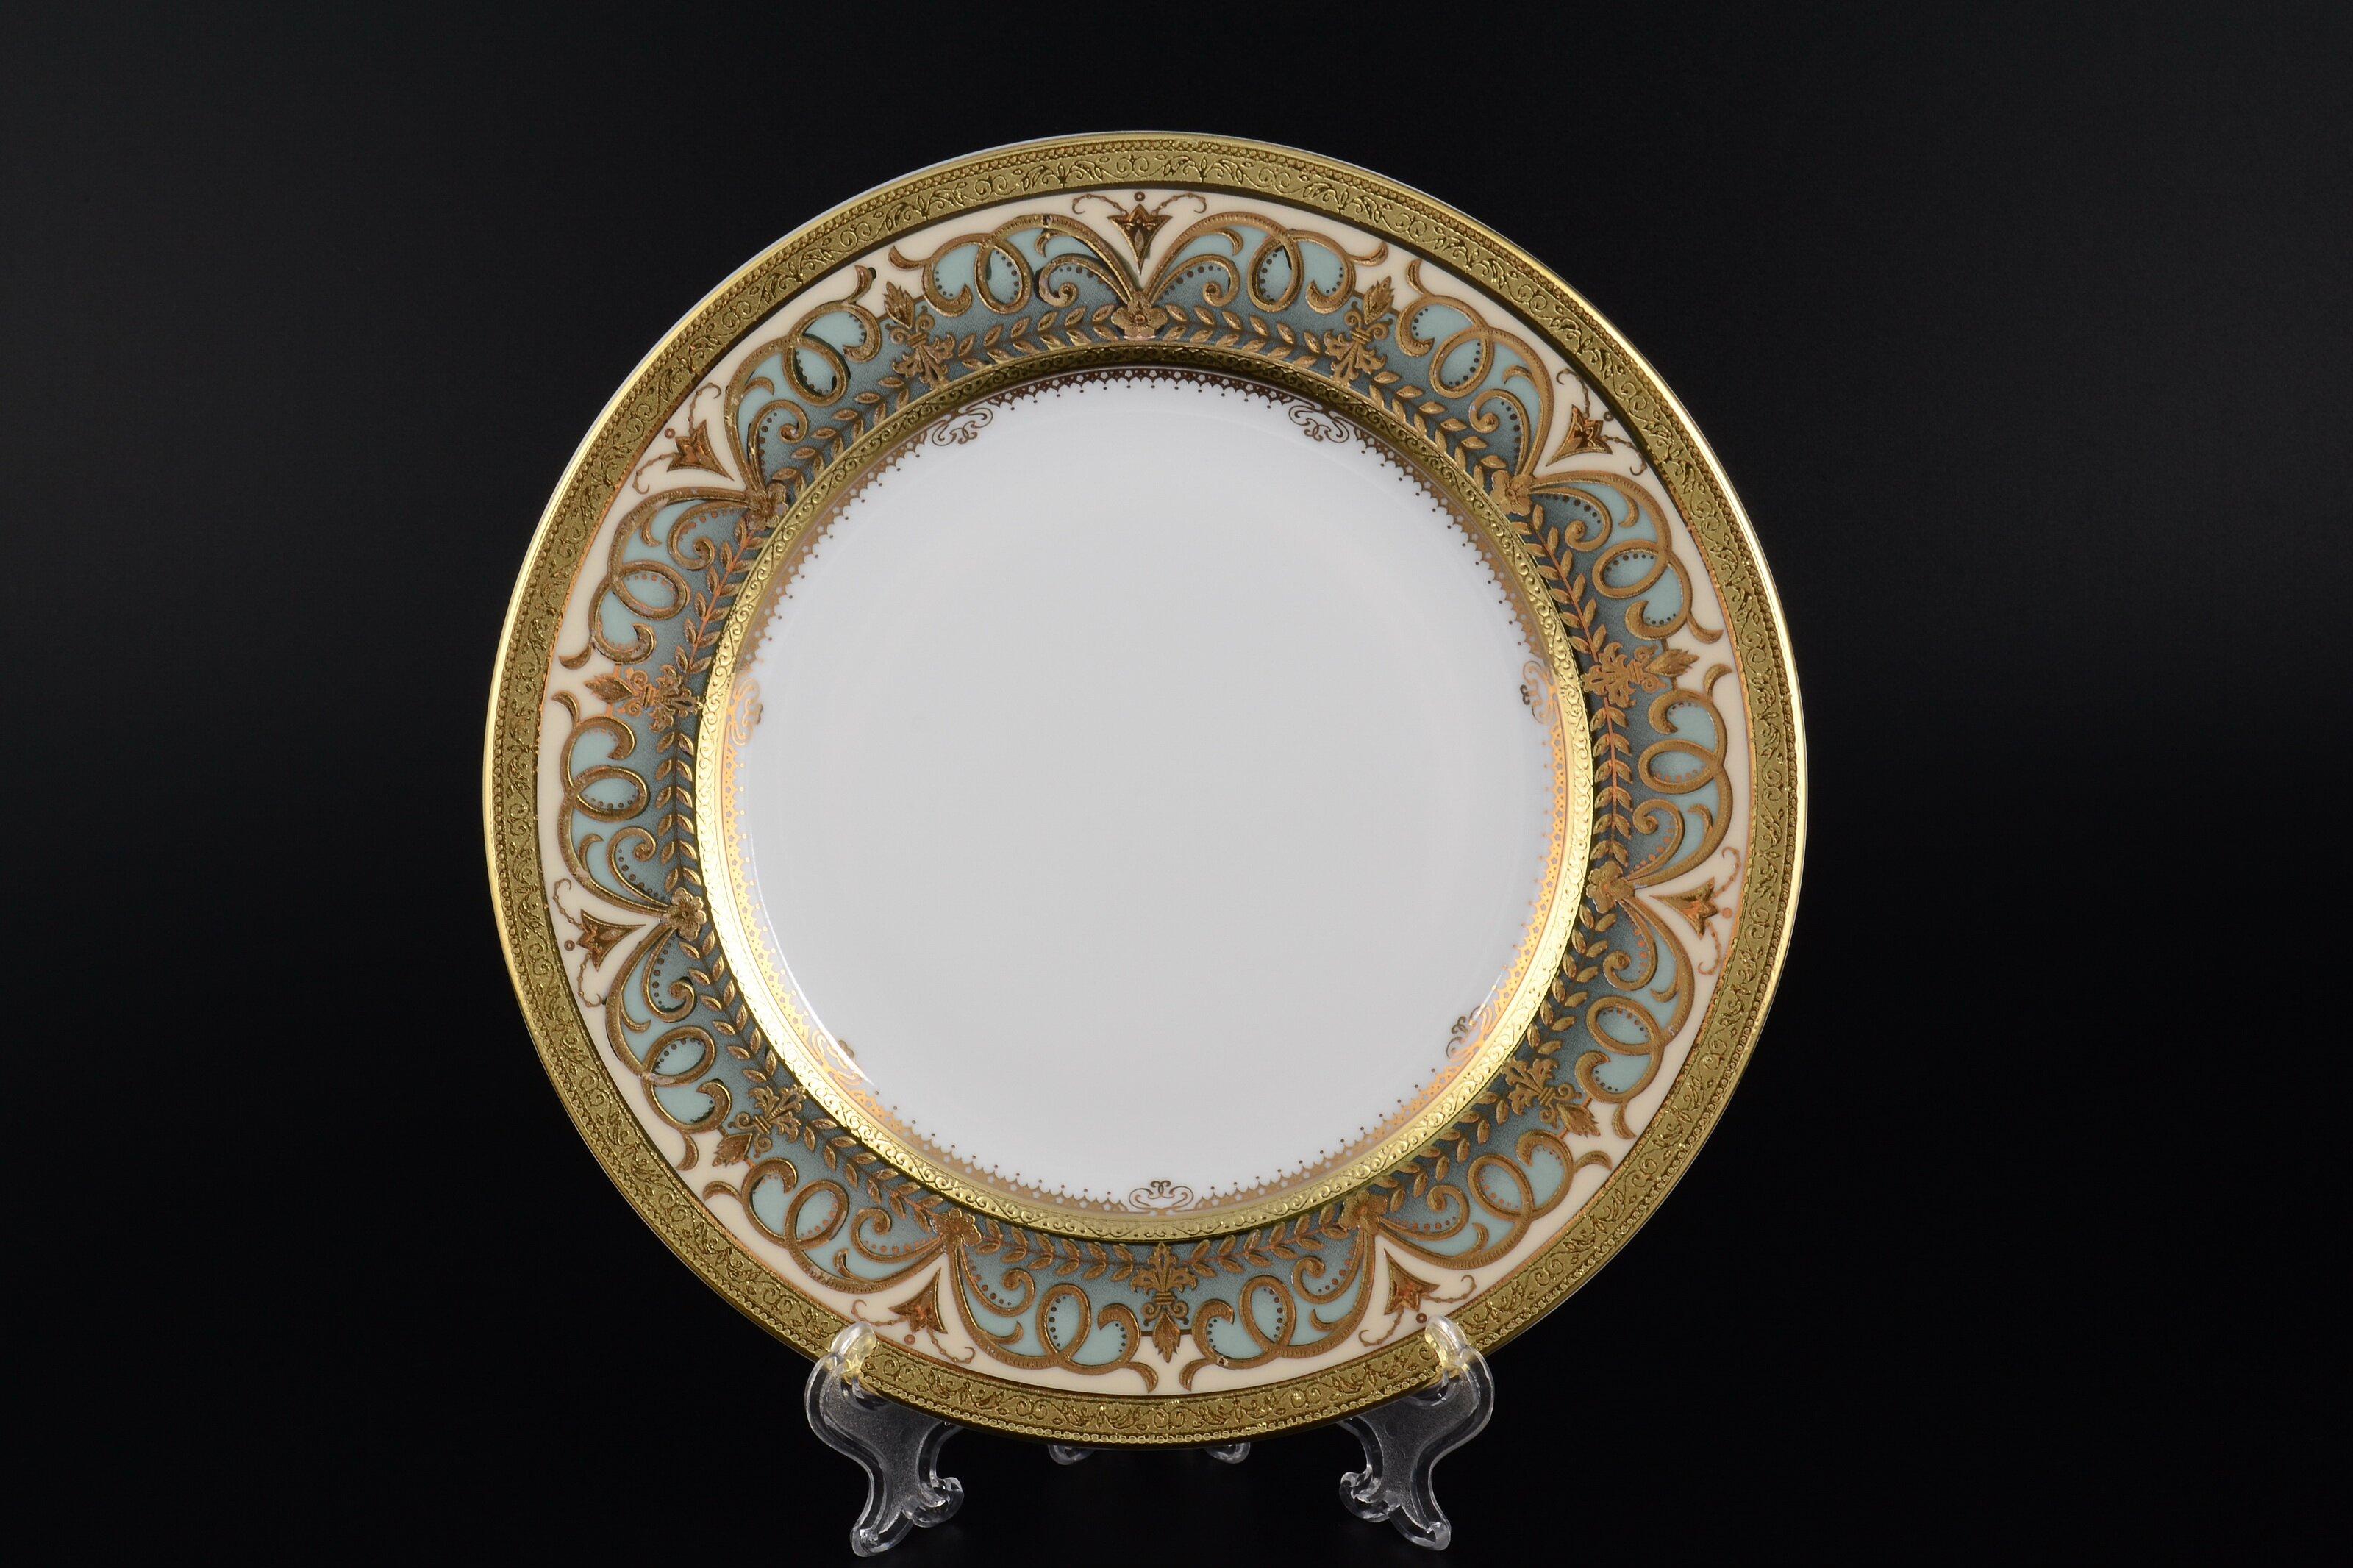 Набор тарелок 21 см ARABESQUE SELADON GOLD от Falkenporzellan, 6 шт.